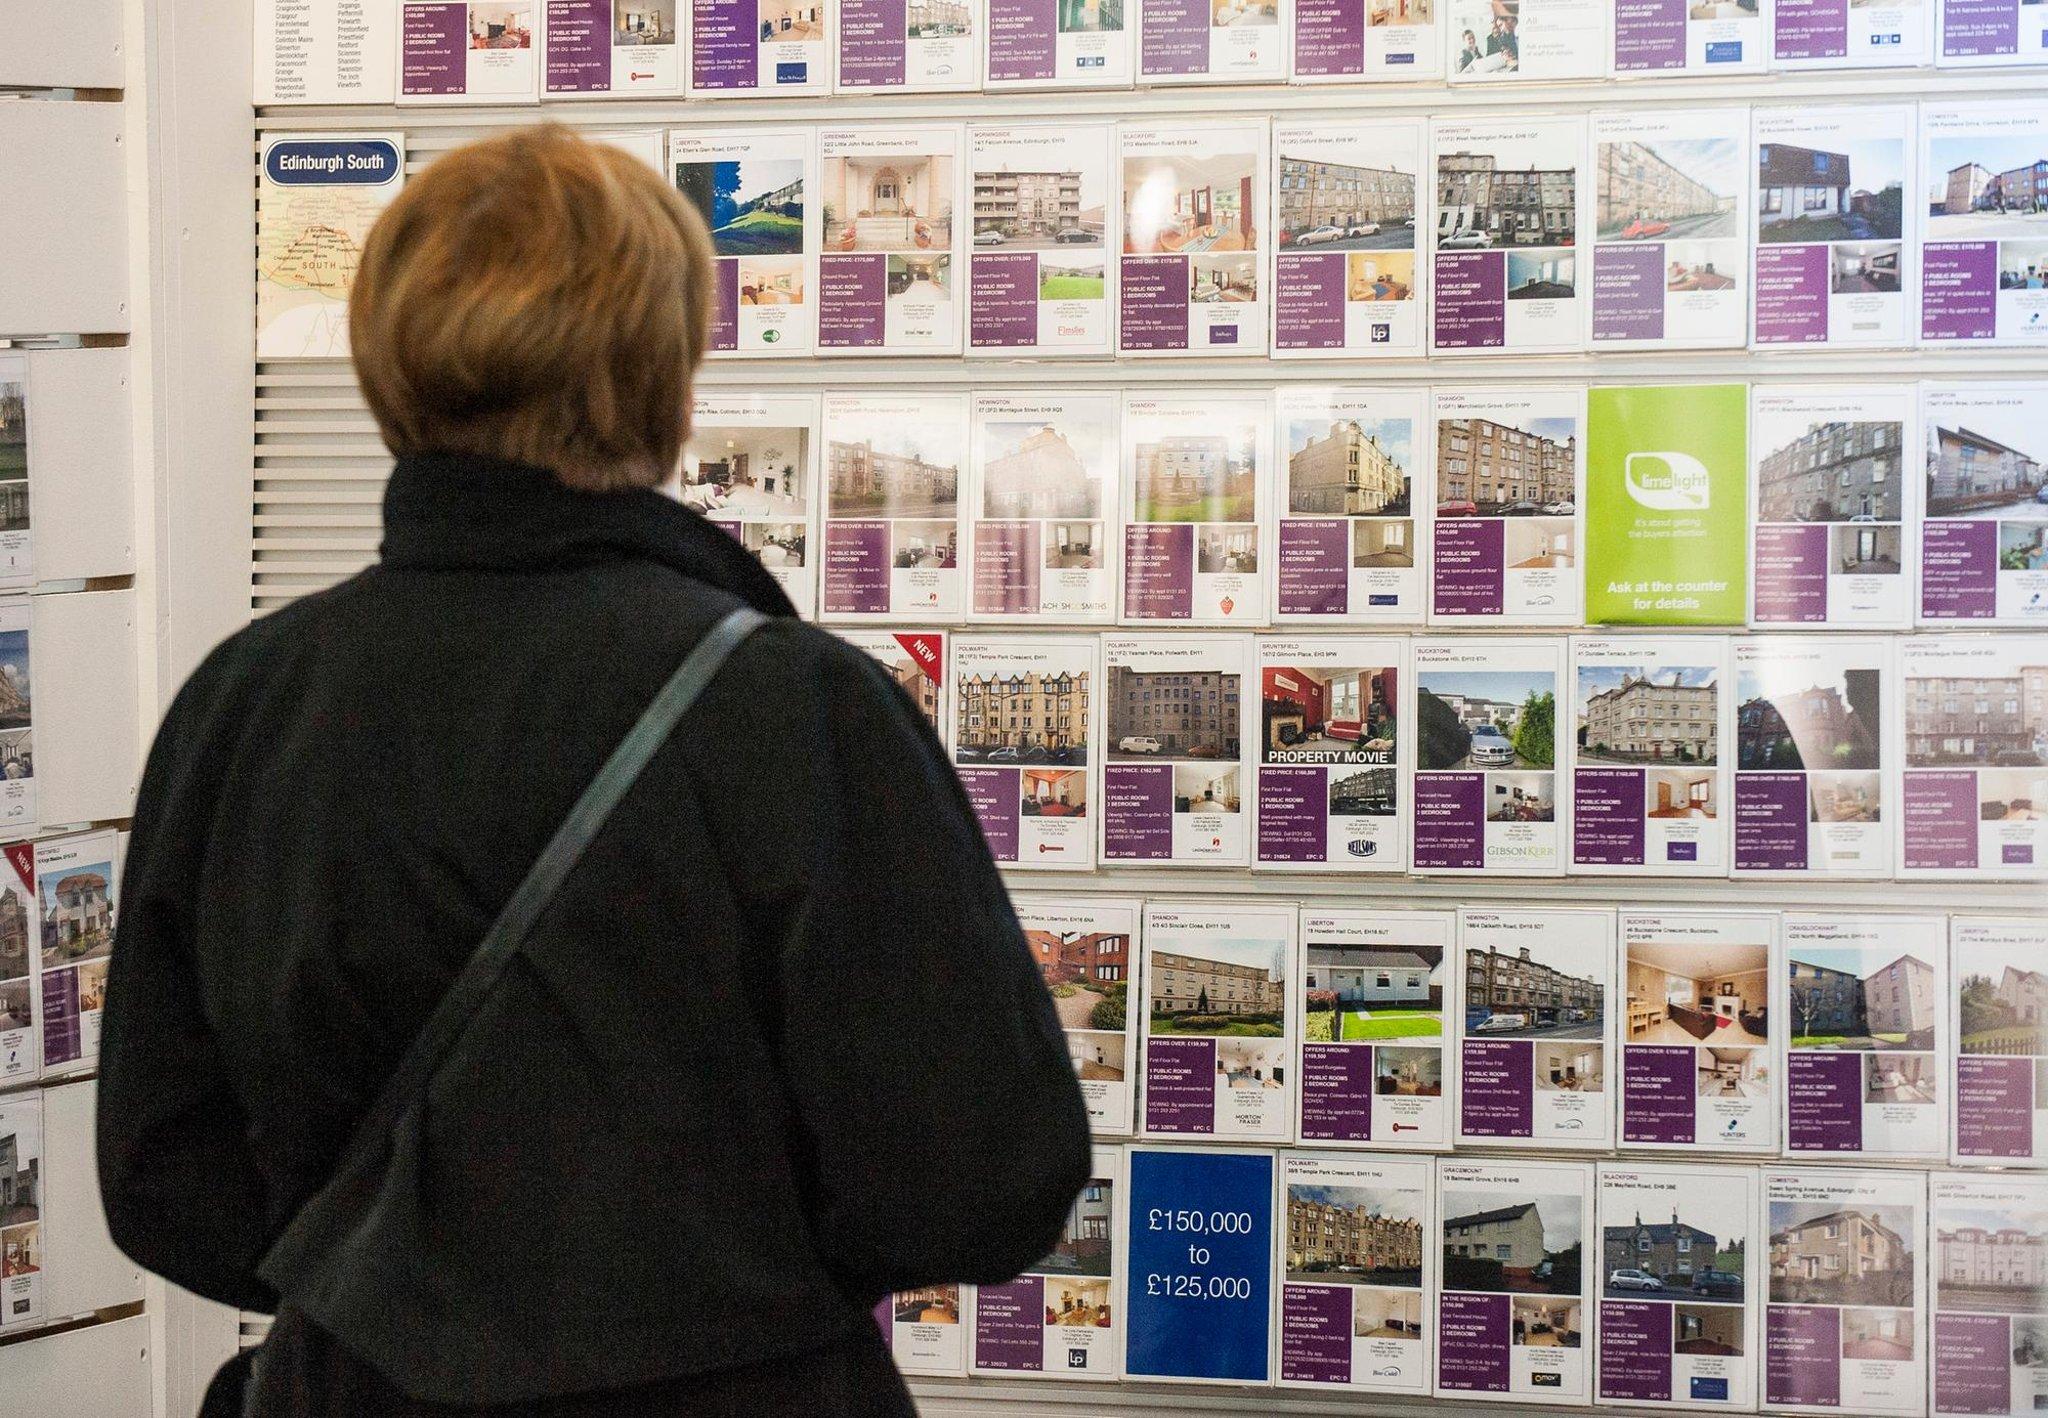 Tanyakan Gareth Shaw: Apakah tagihan pajak capital gain saya akan sangat tinggi sehingga saya tidak mampu membeli properti lain?